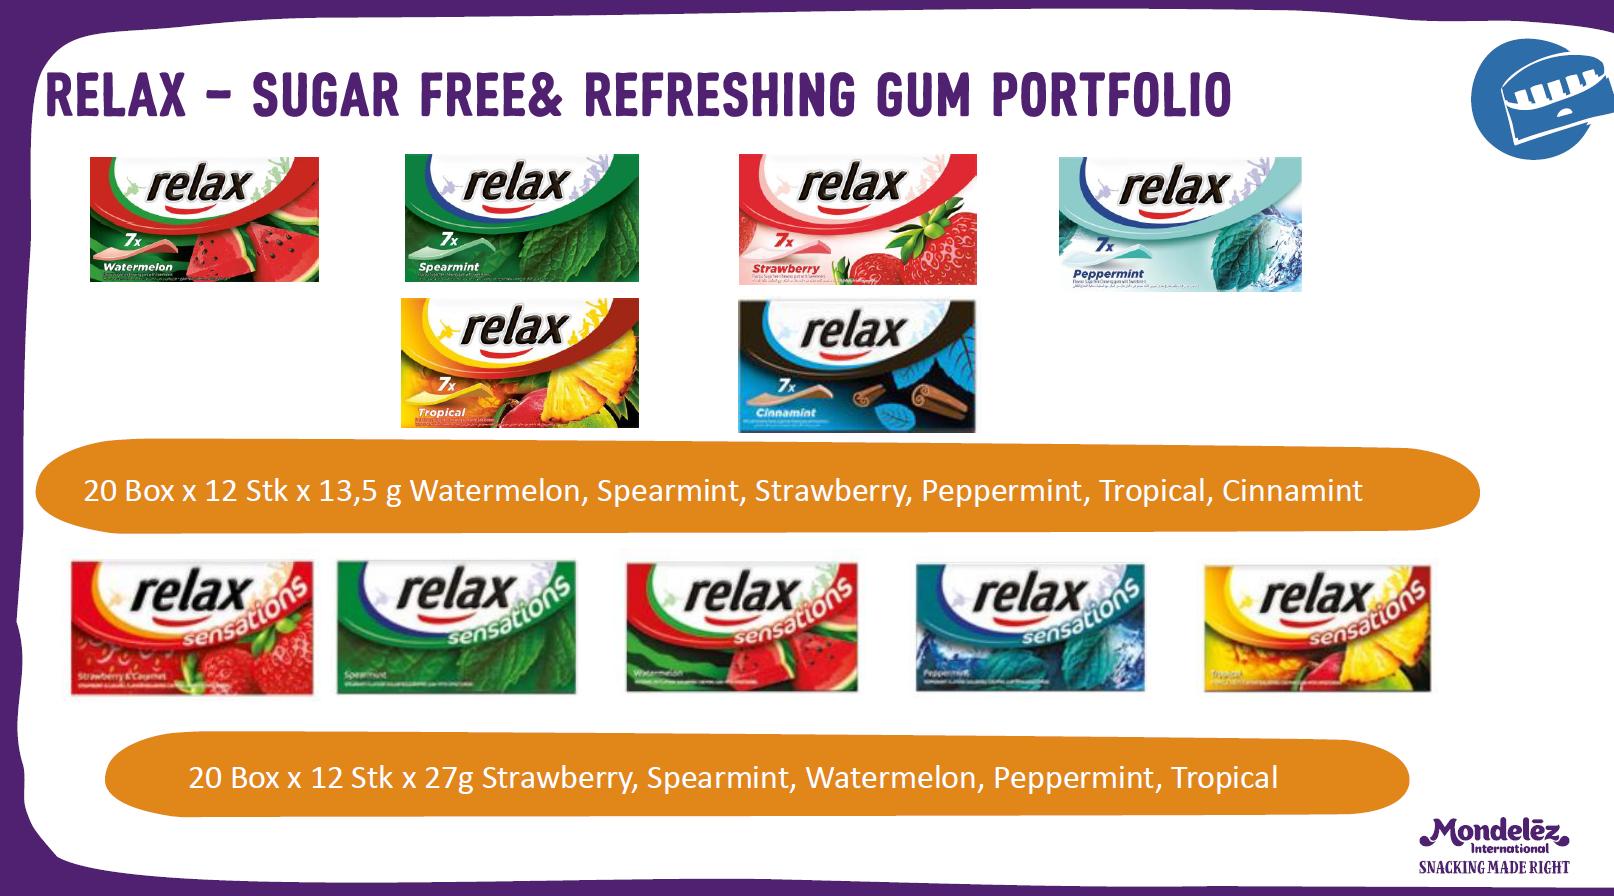 RELAX-SUGAR FREE & REFRESHING GUM PORTFOLIO